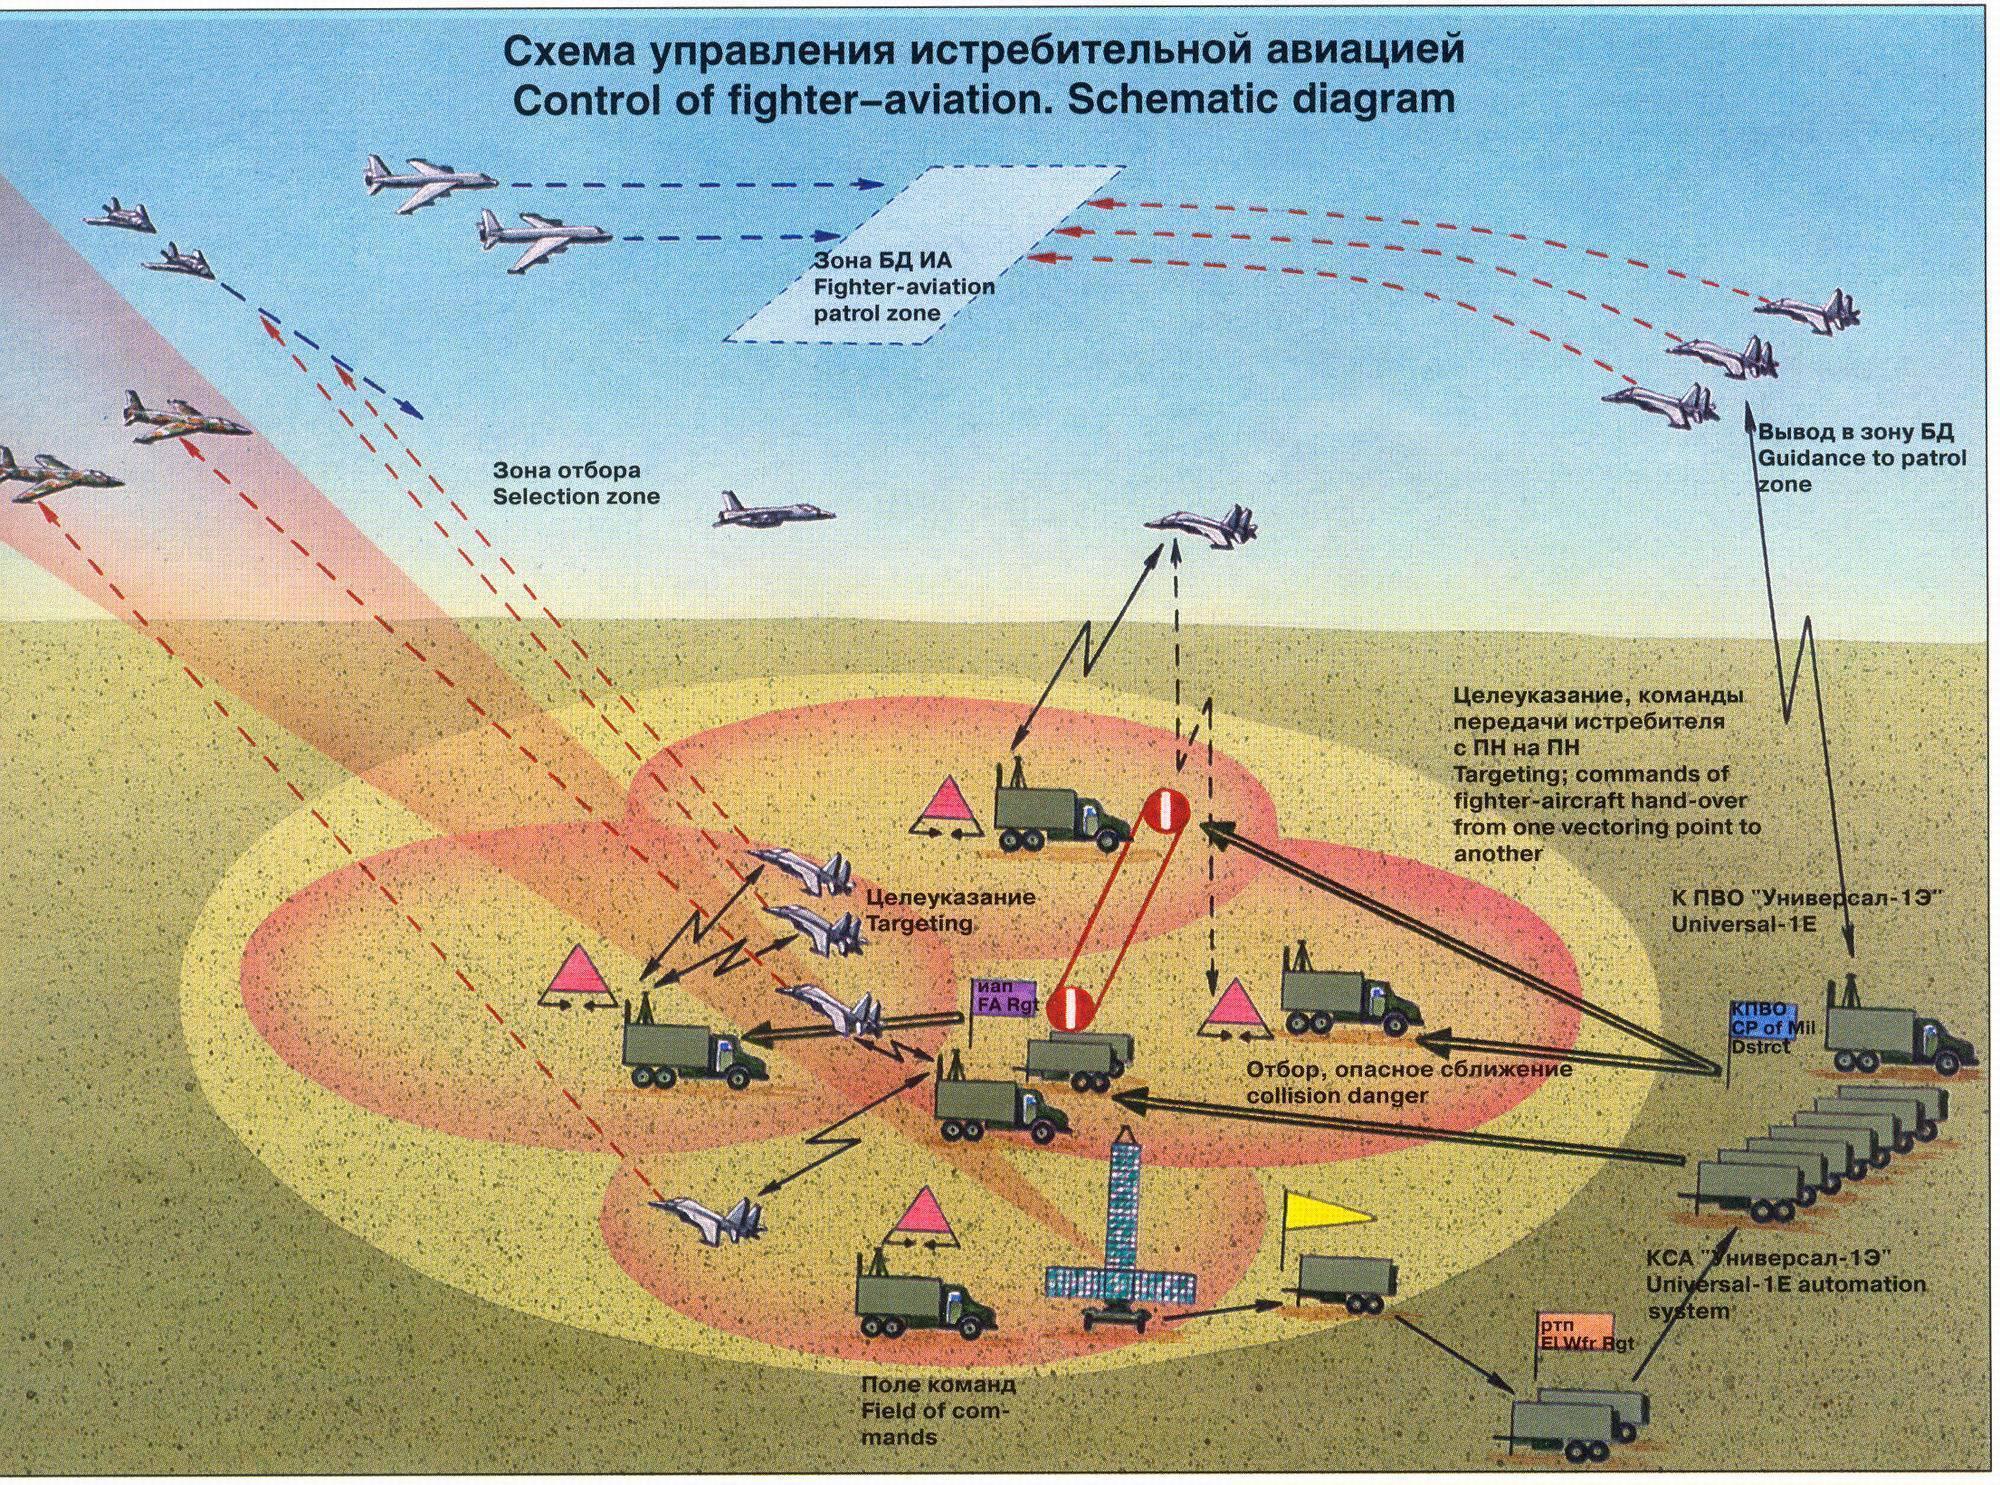 Догнать и перегнать россию. разработки гиперзвукового оружия в сша